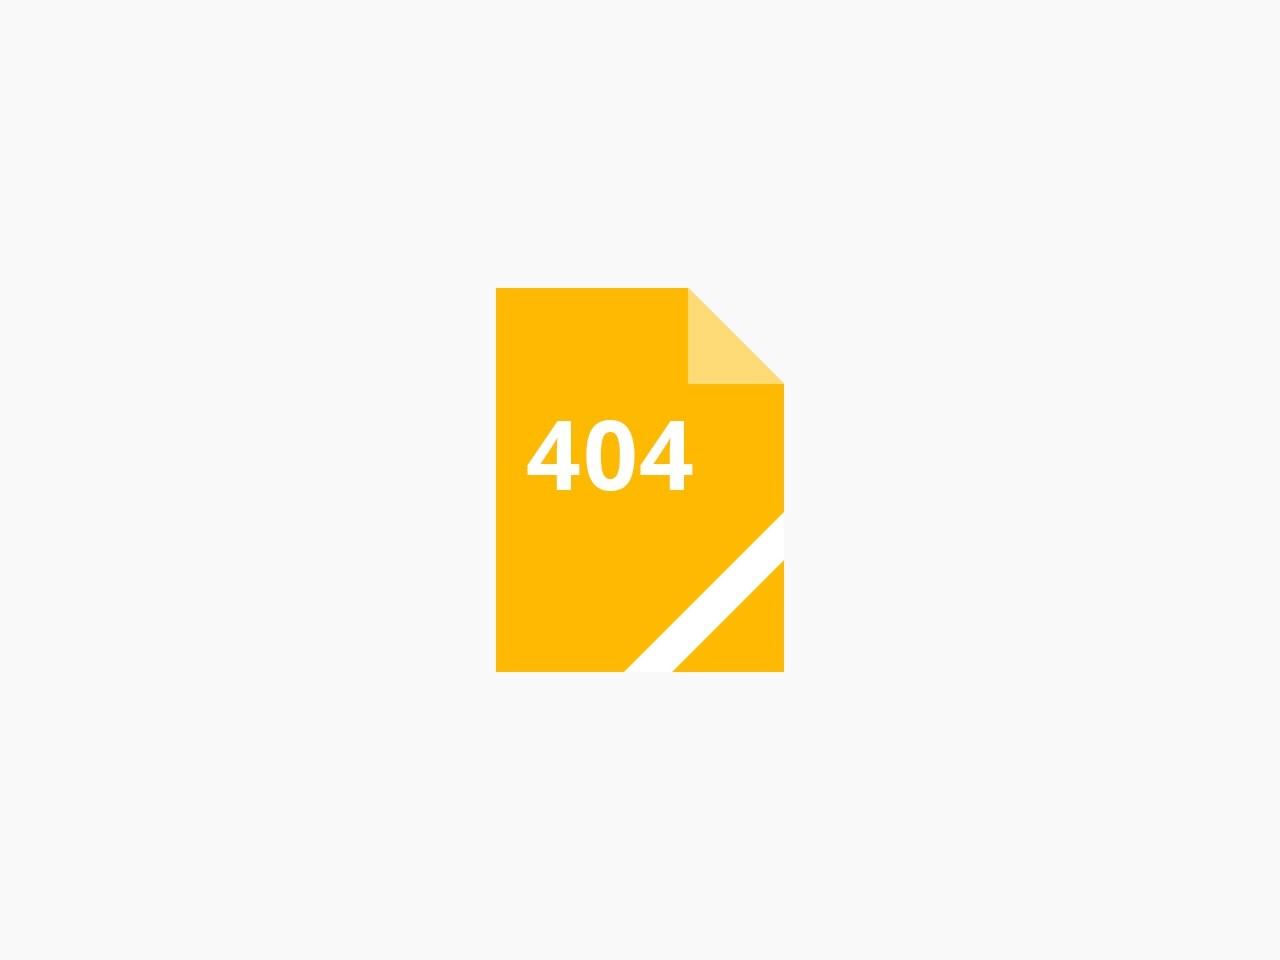 人形の京秀 福井県福井市の人形店:天神様、掛軸、破魔弓、羽子板、お雛様、五月人形、鎧飾り、兜飾り、大将飾り、武者人形、鯉のぼり、節句人形の販売